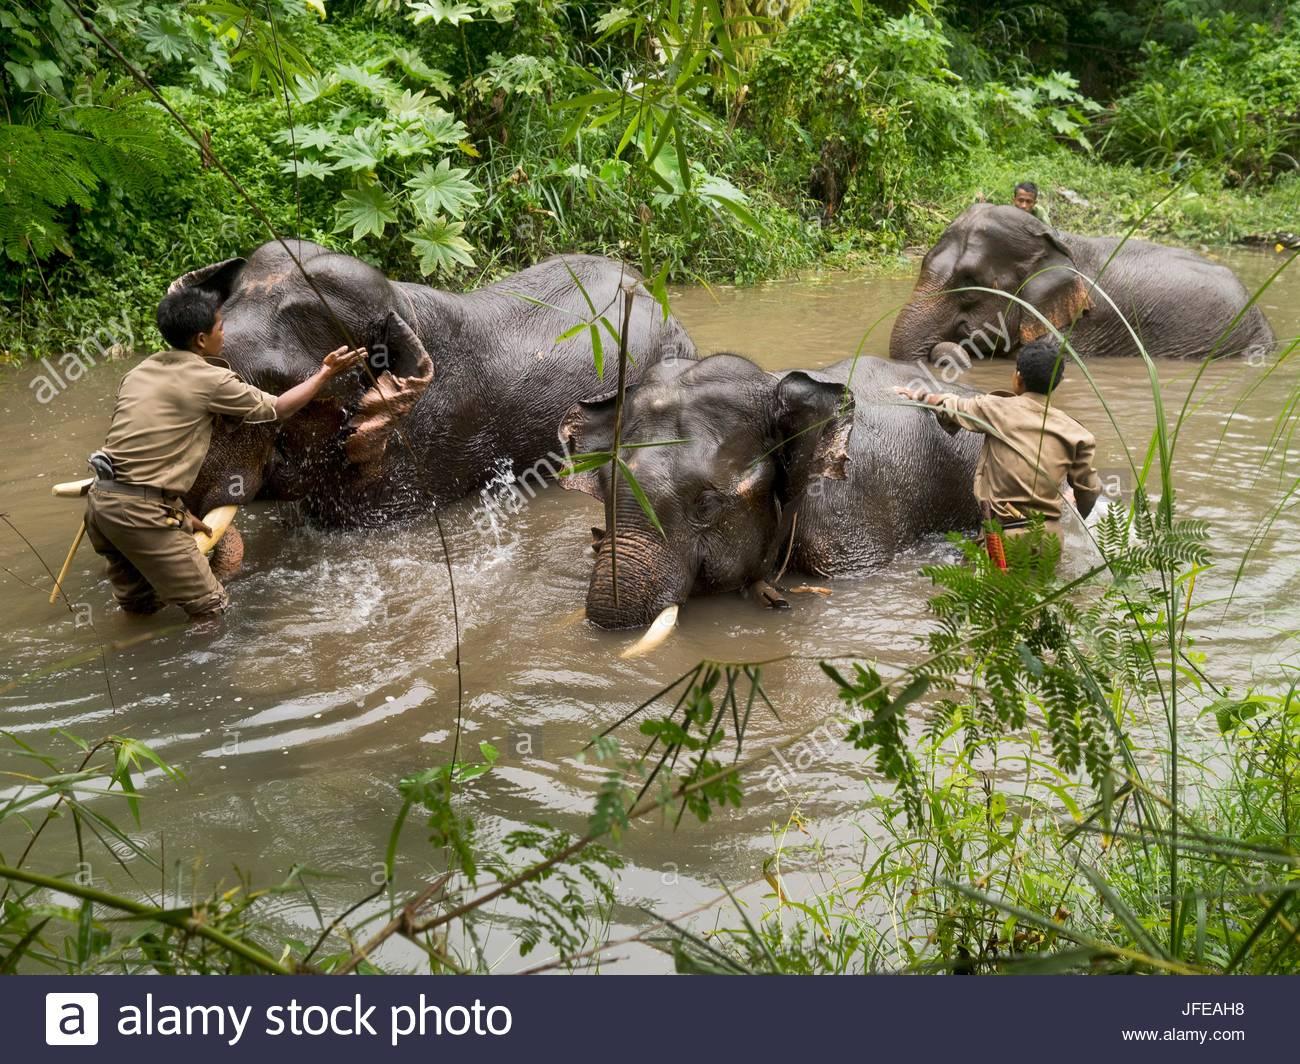 Rangers aiutare gli elefanti a bagnarsi in un fiume. Immagini Stock